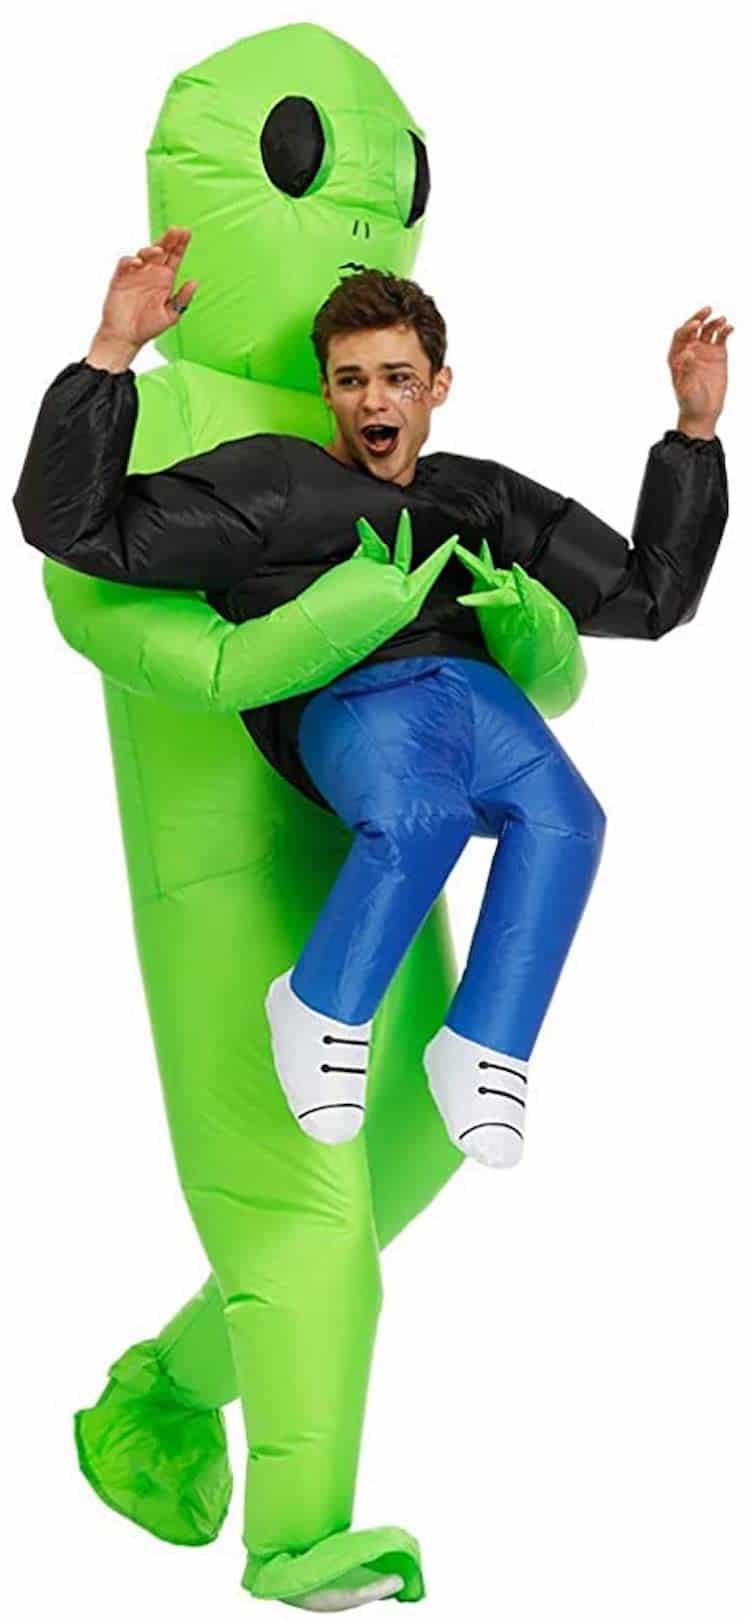 Halloween Costumes You Can Buy on Amazon